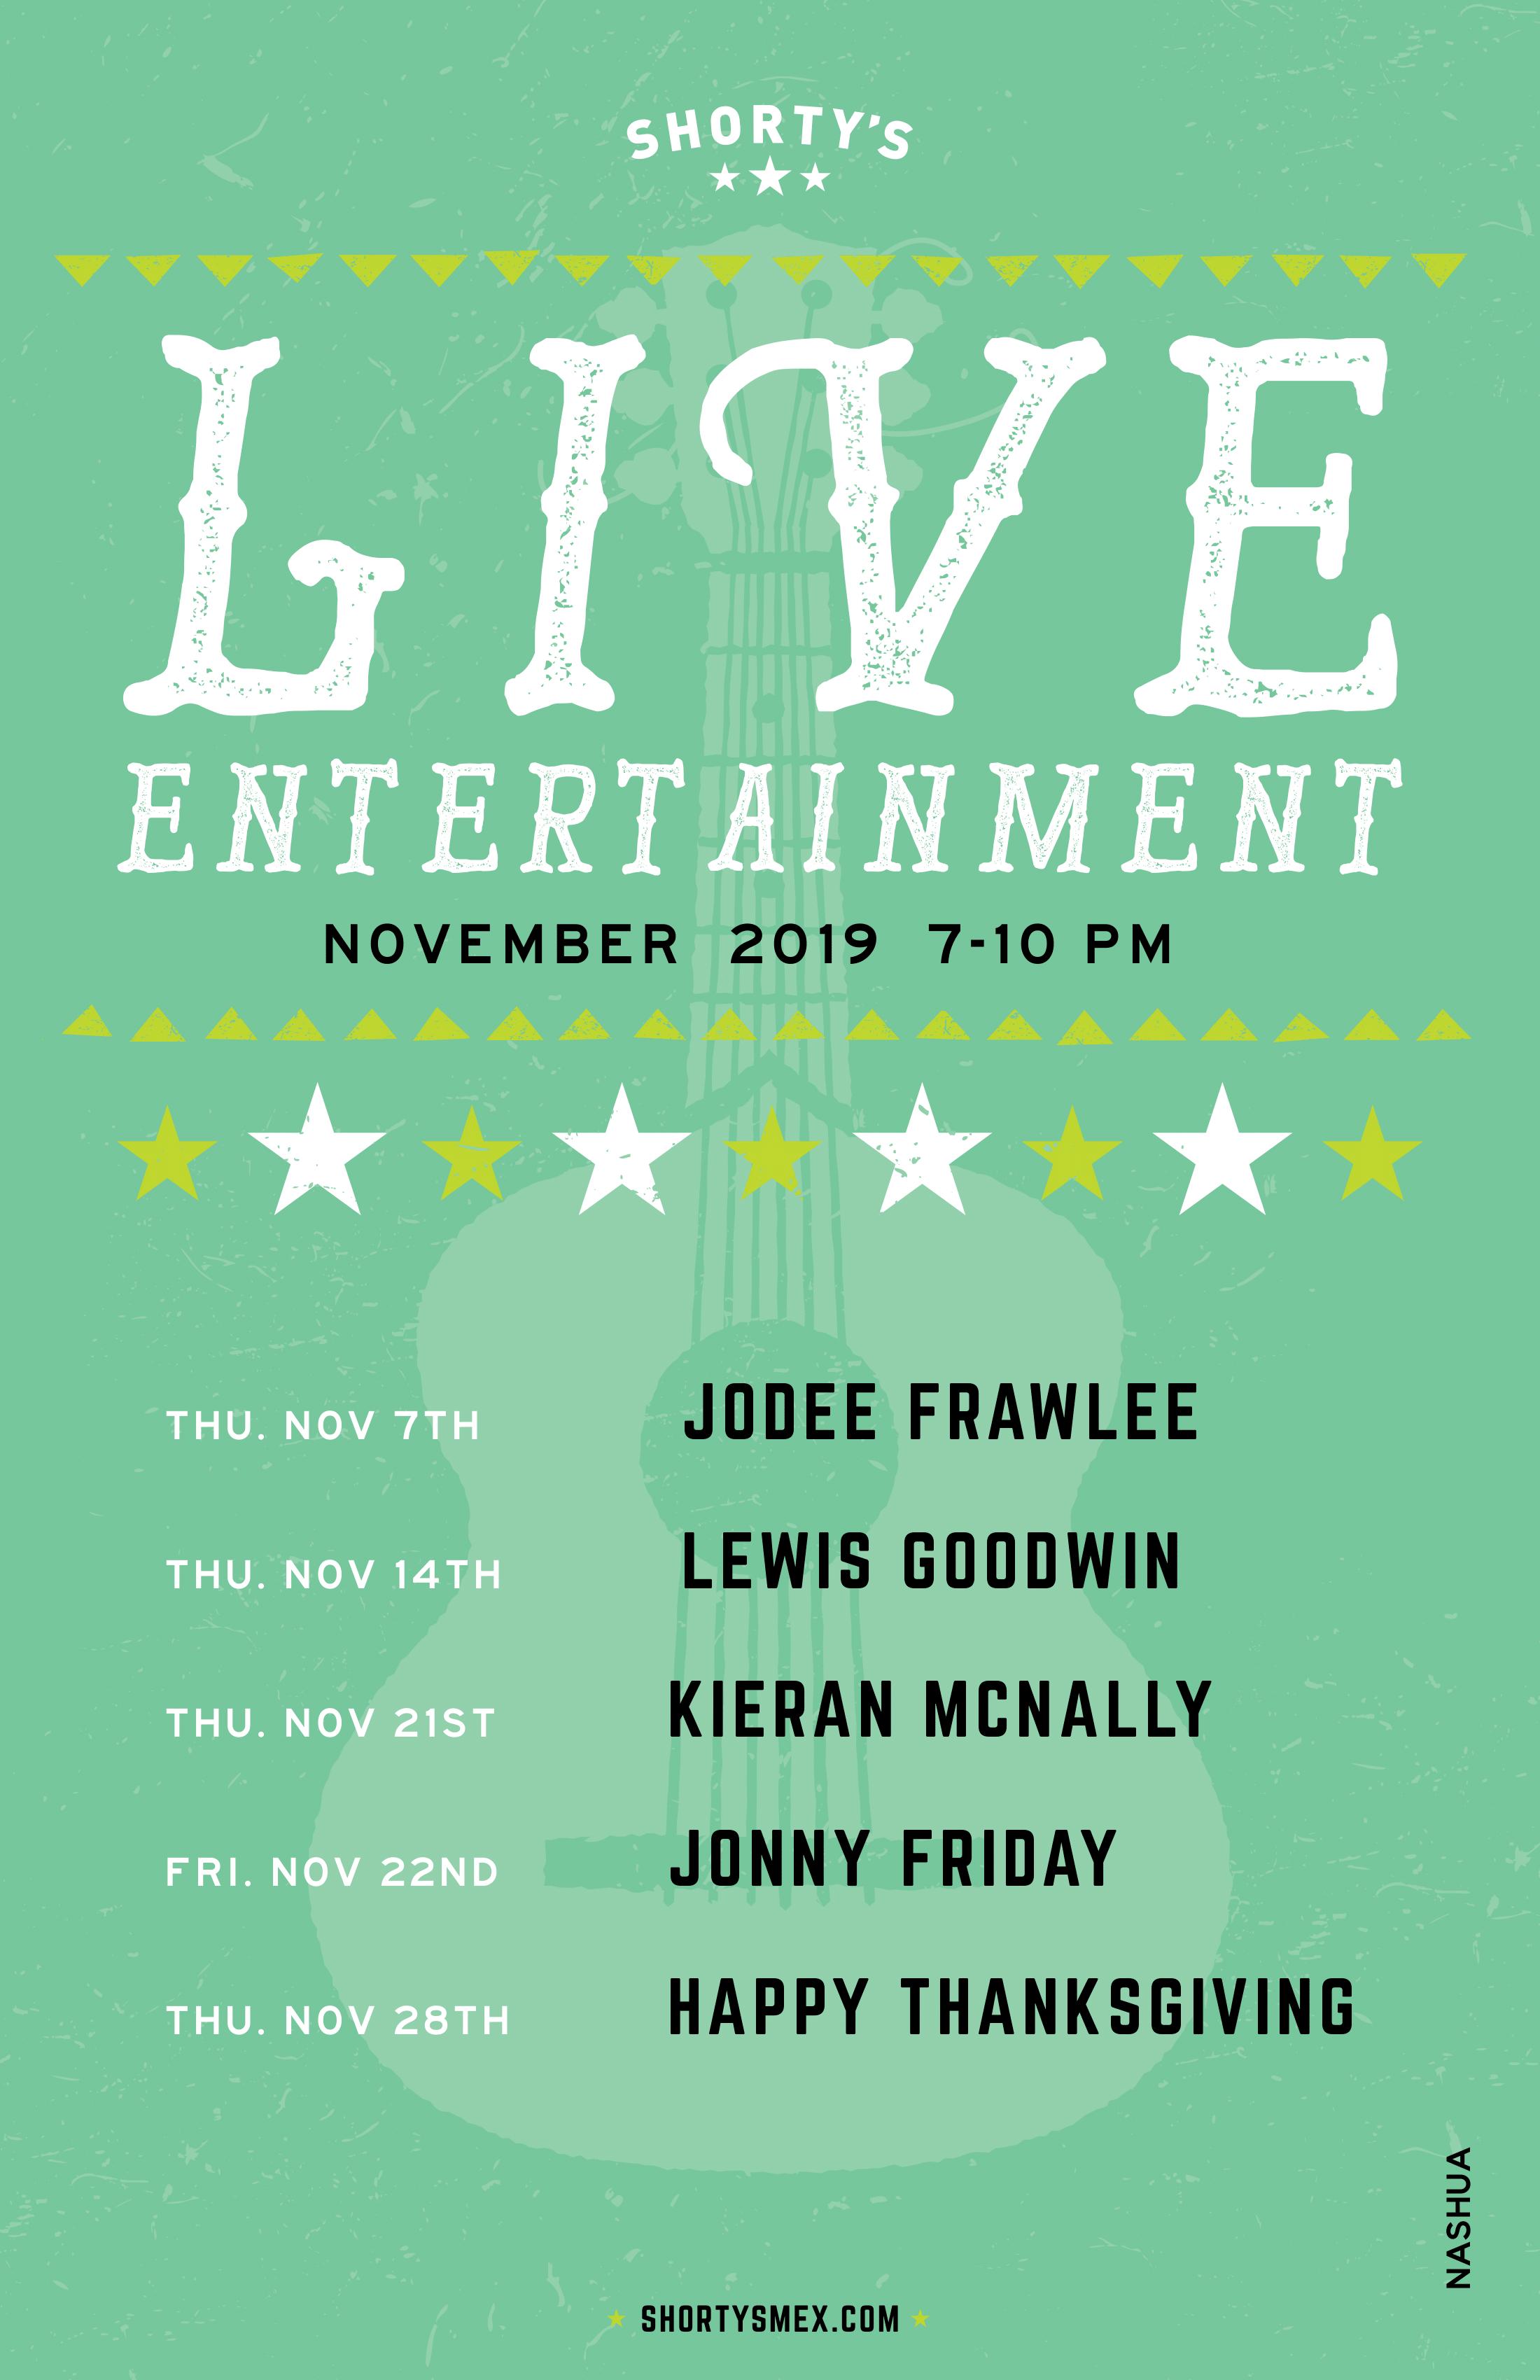 November Entertainment Schedule for Shorty's Nashua